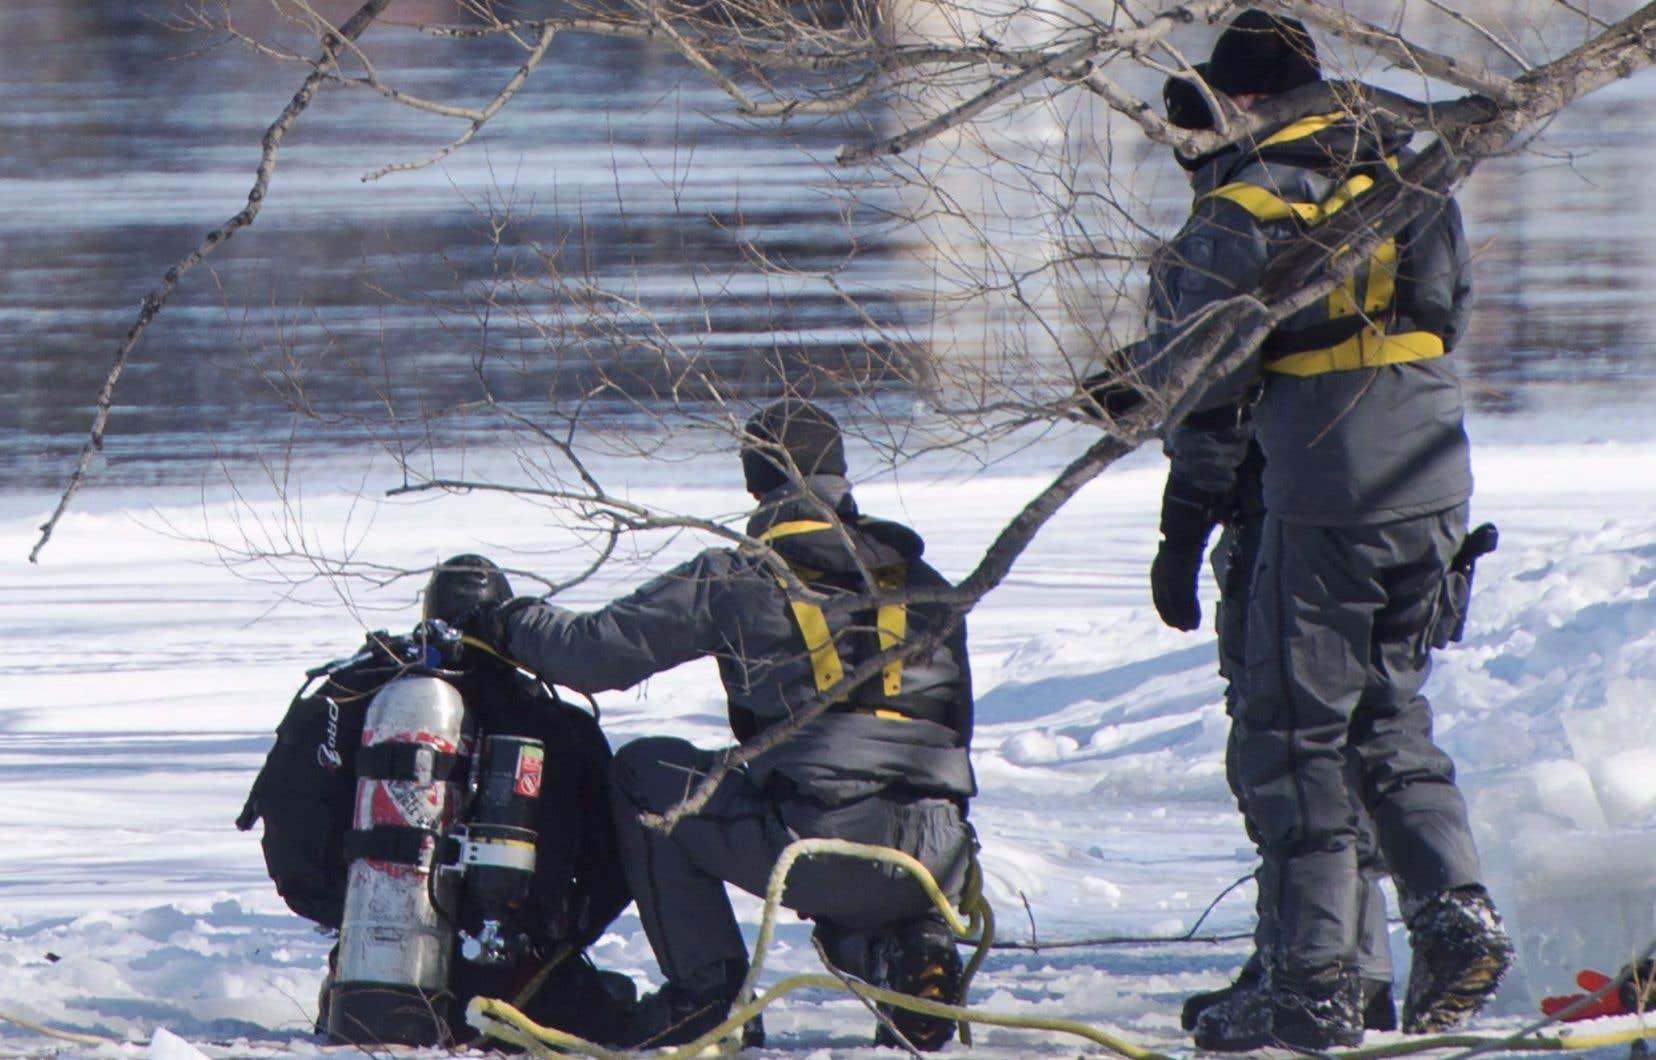 Le garçon de 10 ans a été aperçu pour la dernière fois entrant dans le parc des Bateliers, qui longe la rivière des Prairies.